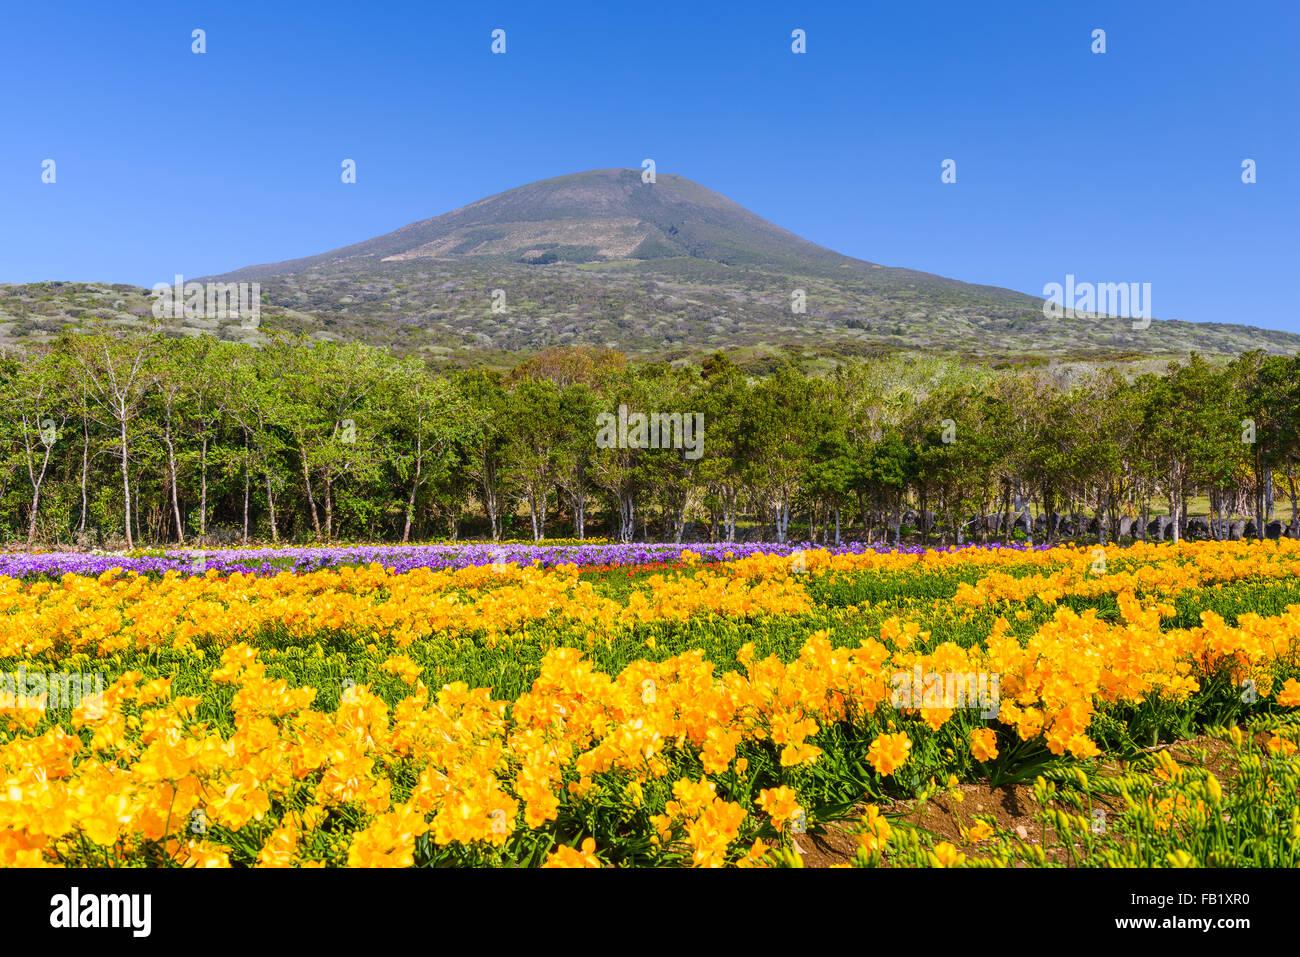 Bitte Insel, Japan während der Freesie Blume Blüte Saison. Stockbild